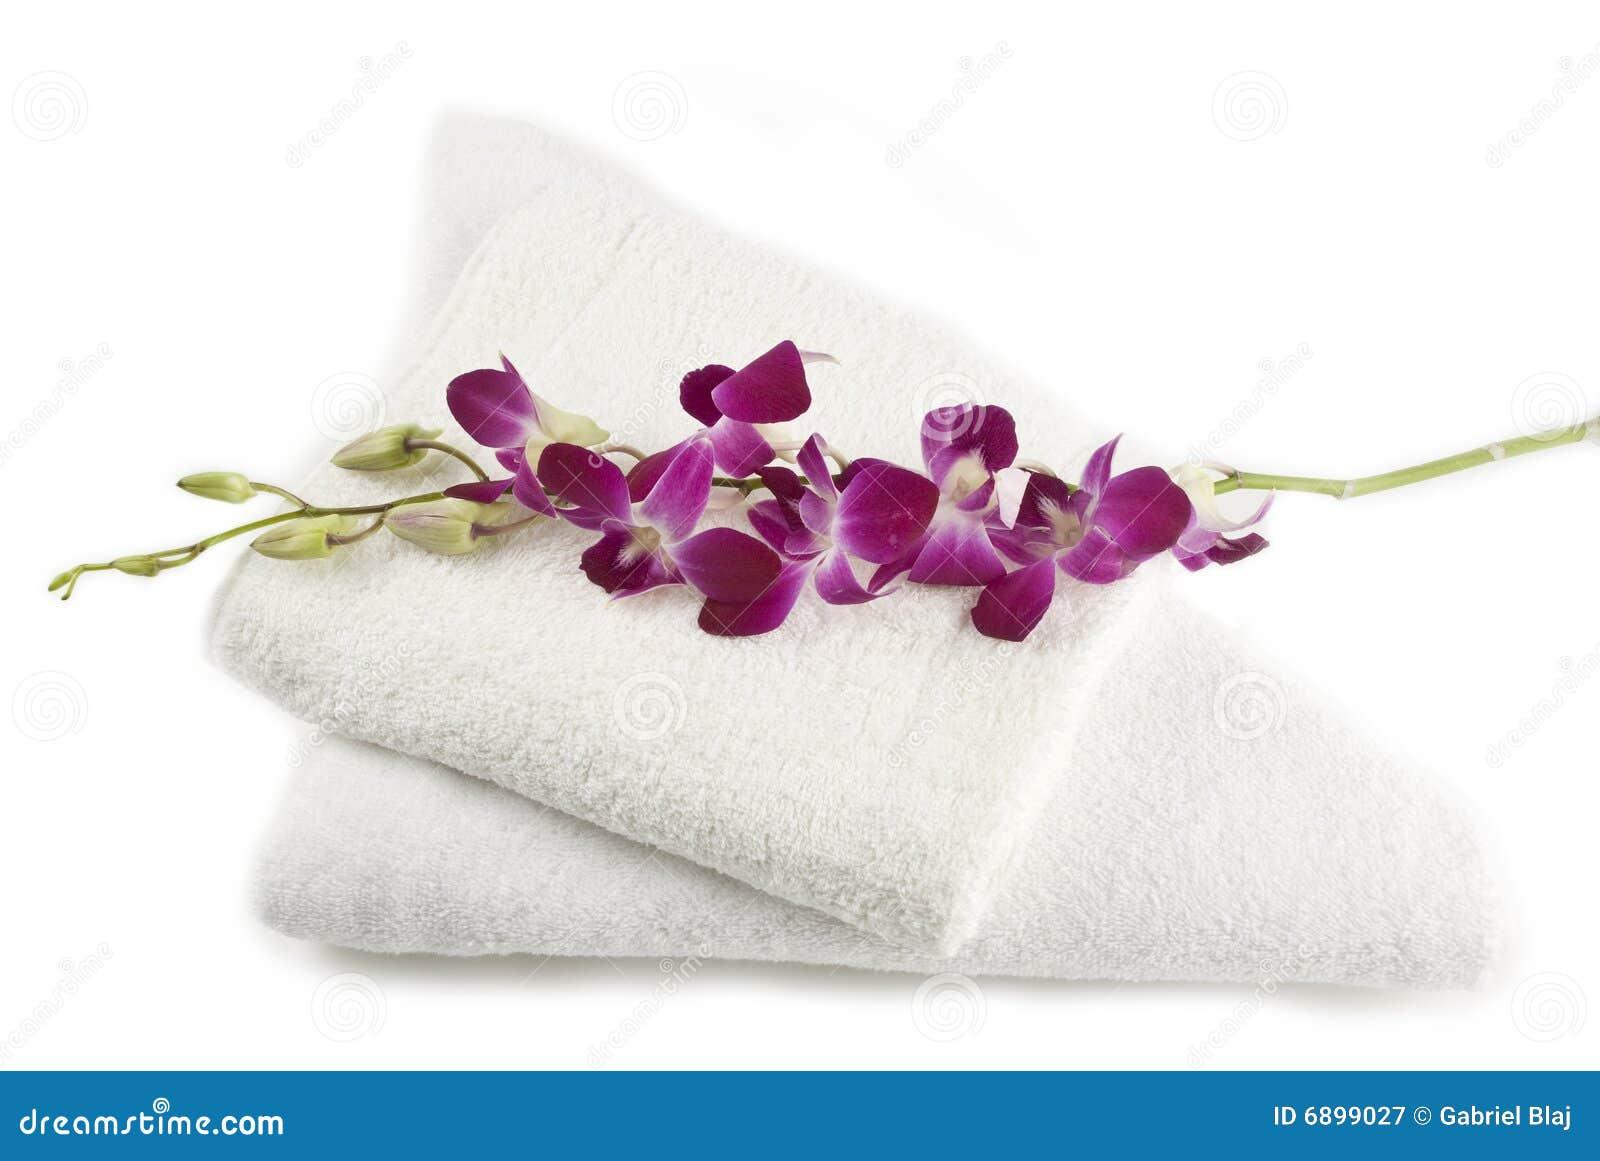 Orchidee op handdoeken